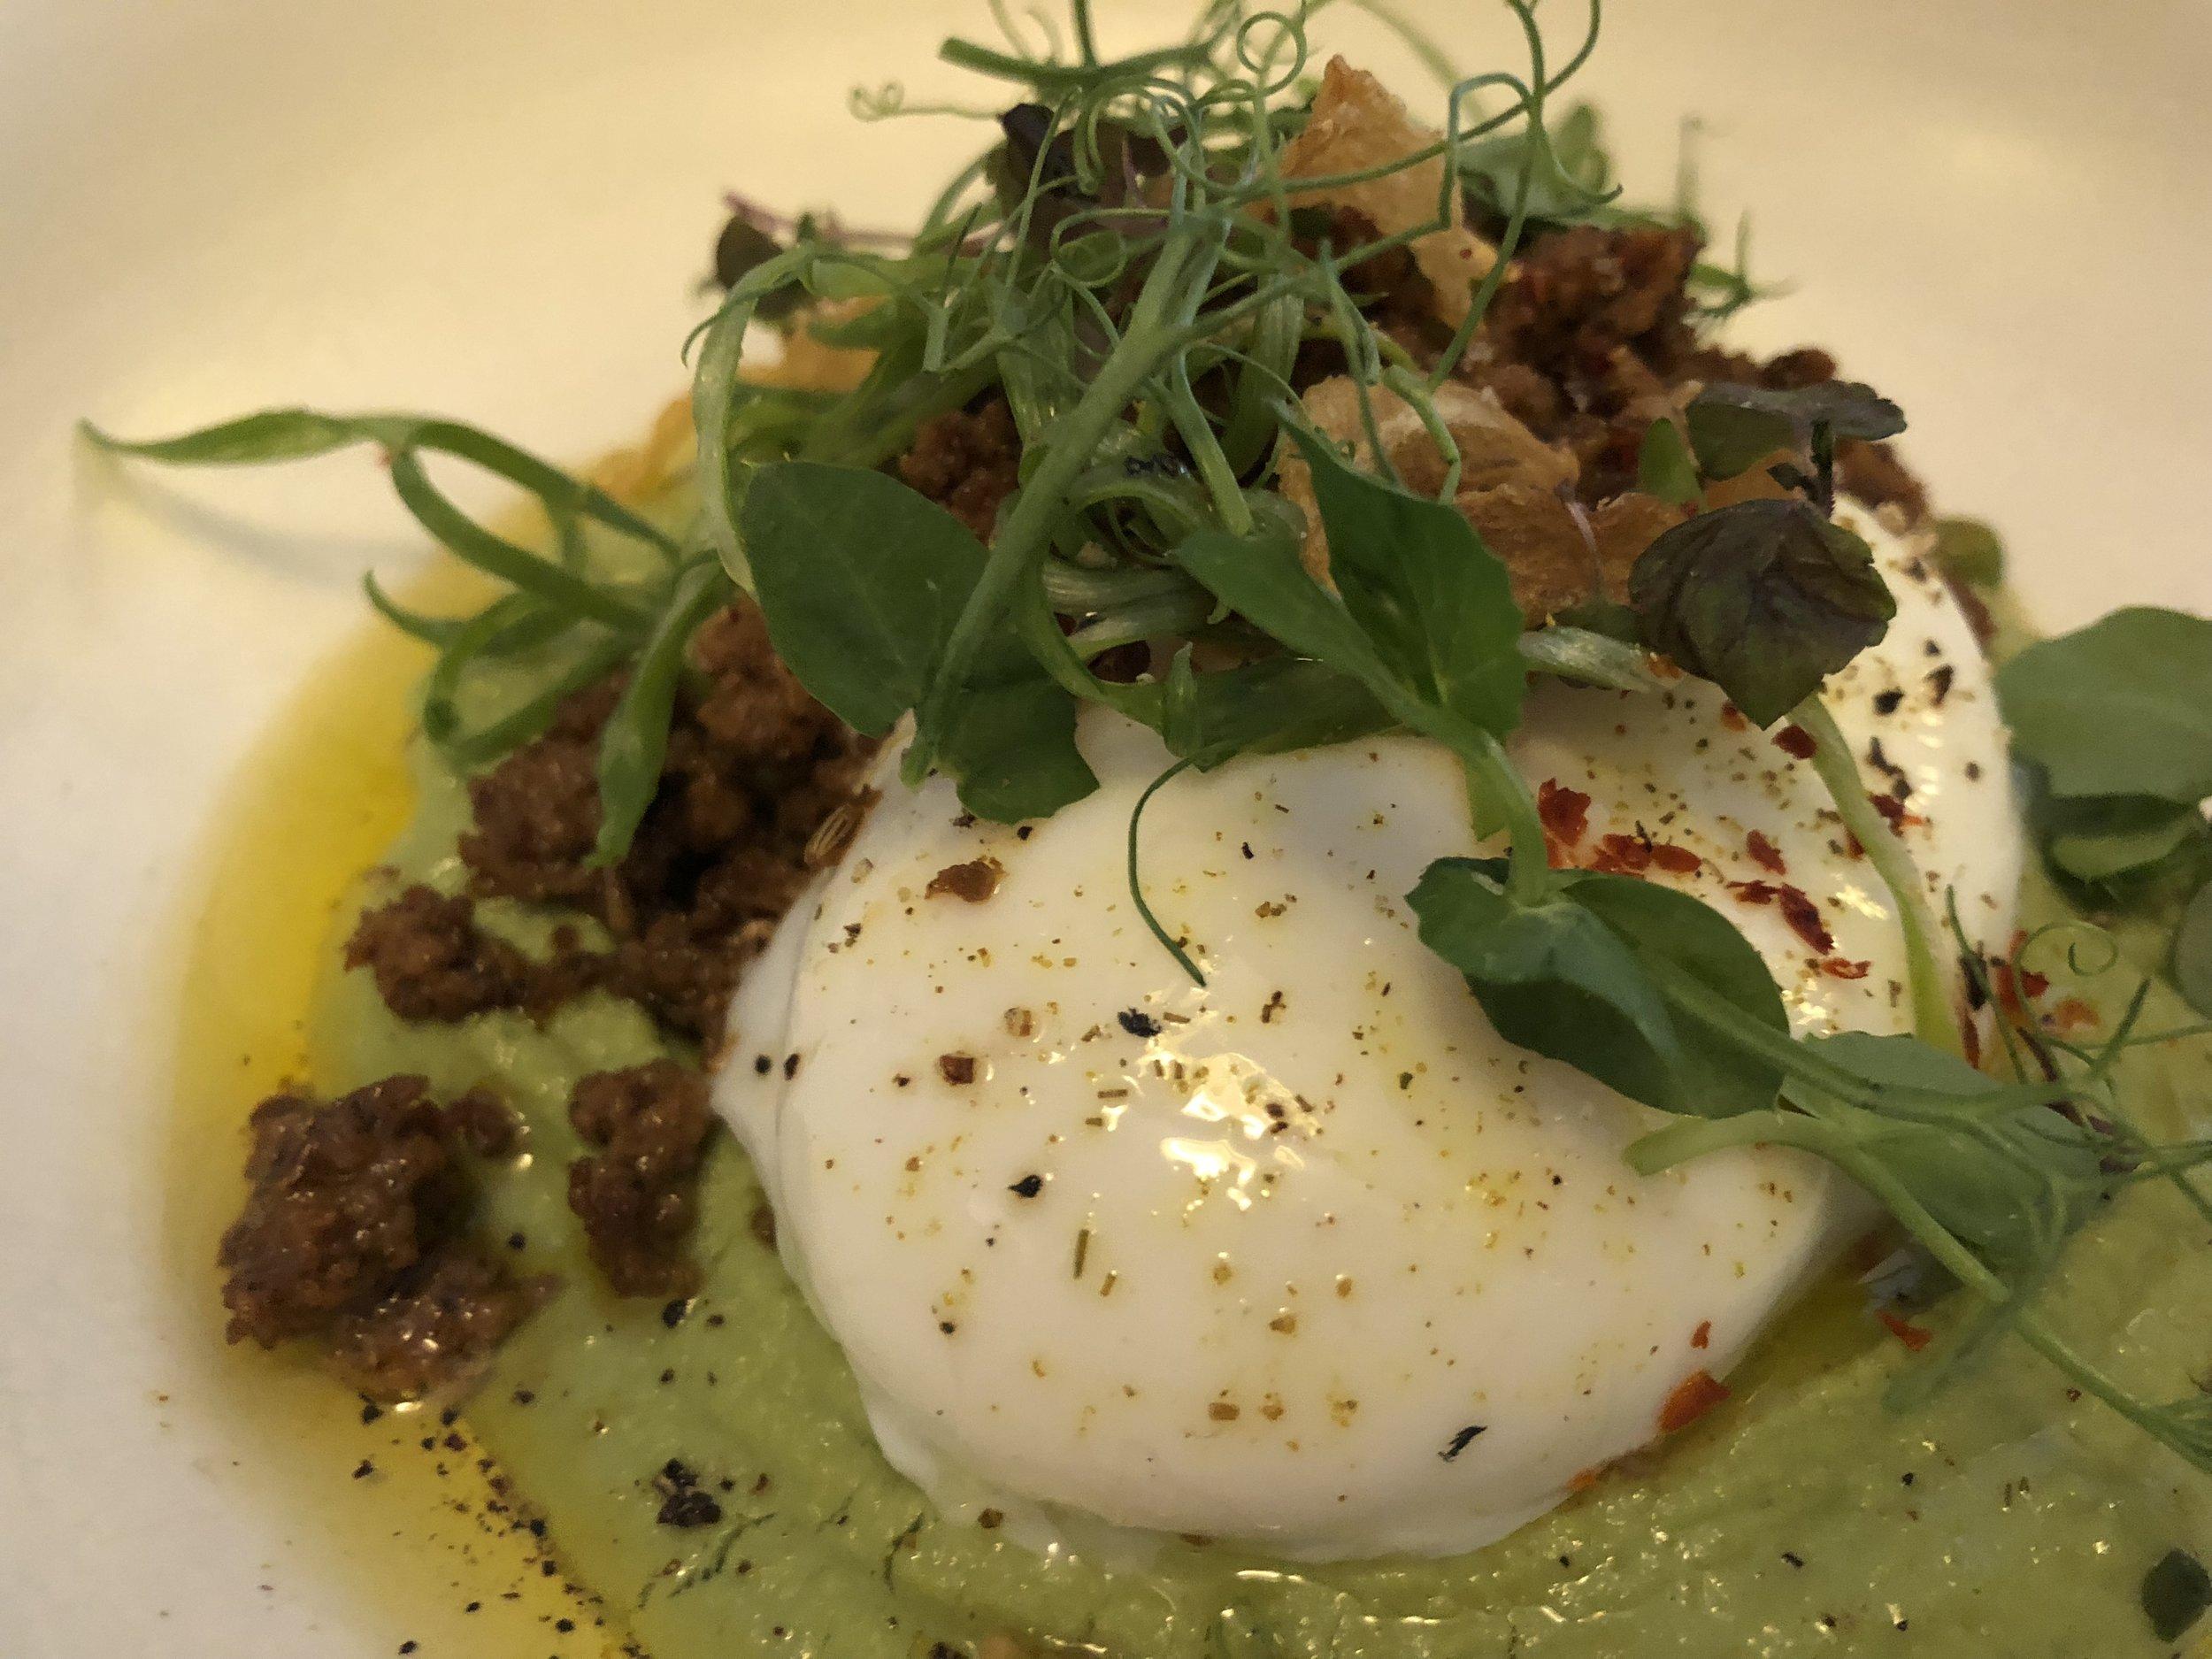 Spring pea hummus & eggs, lamb merguez